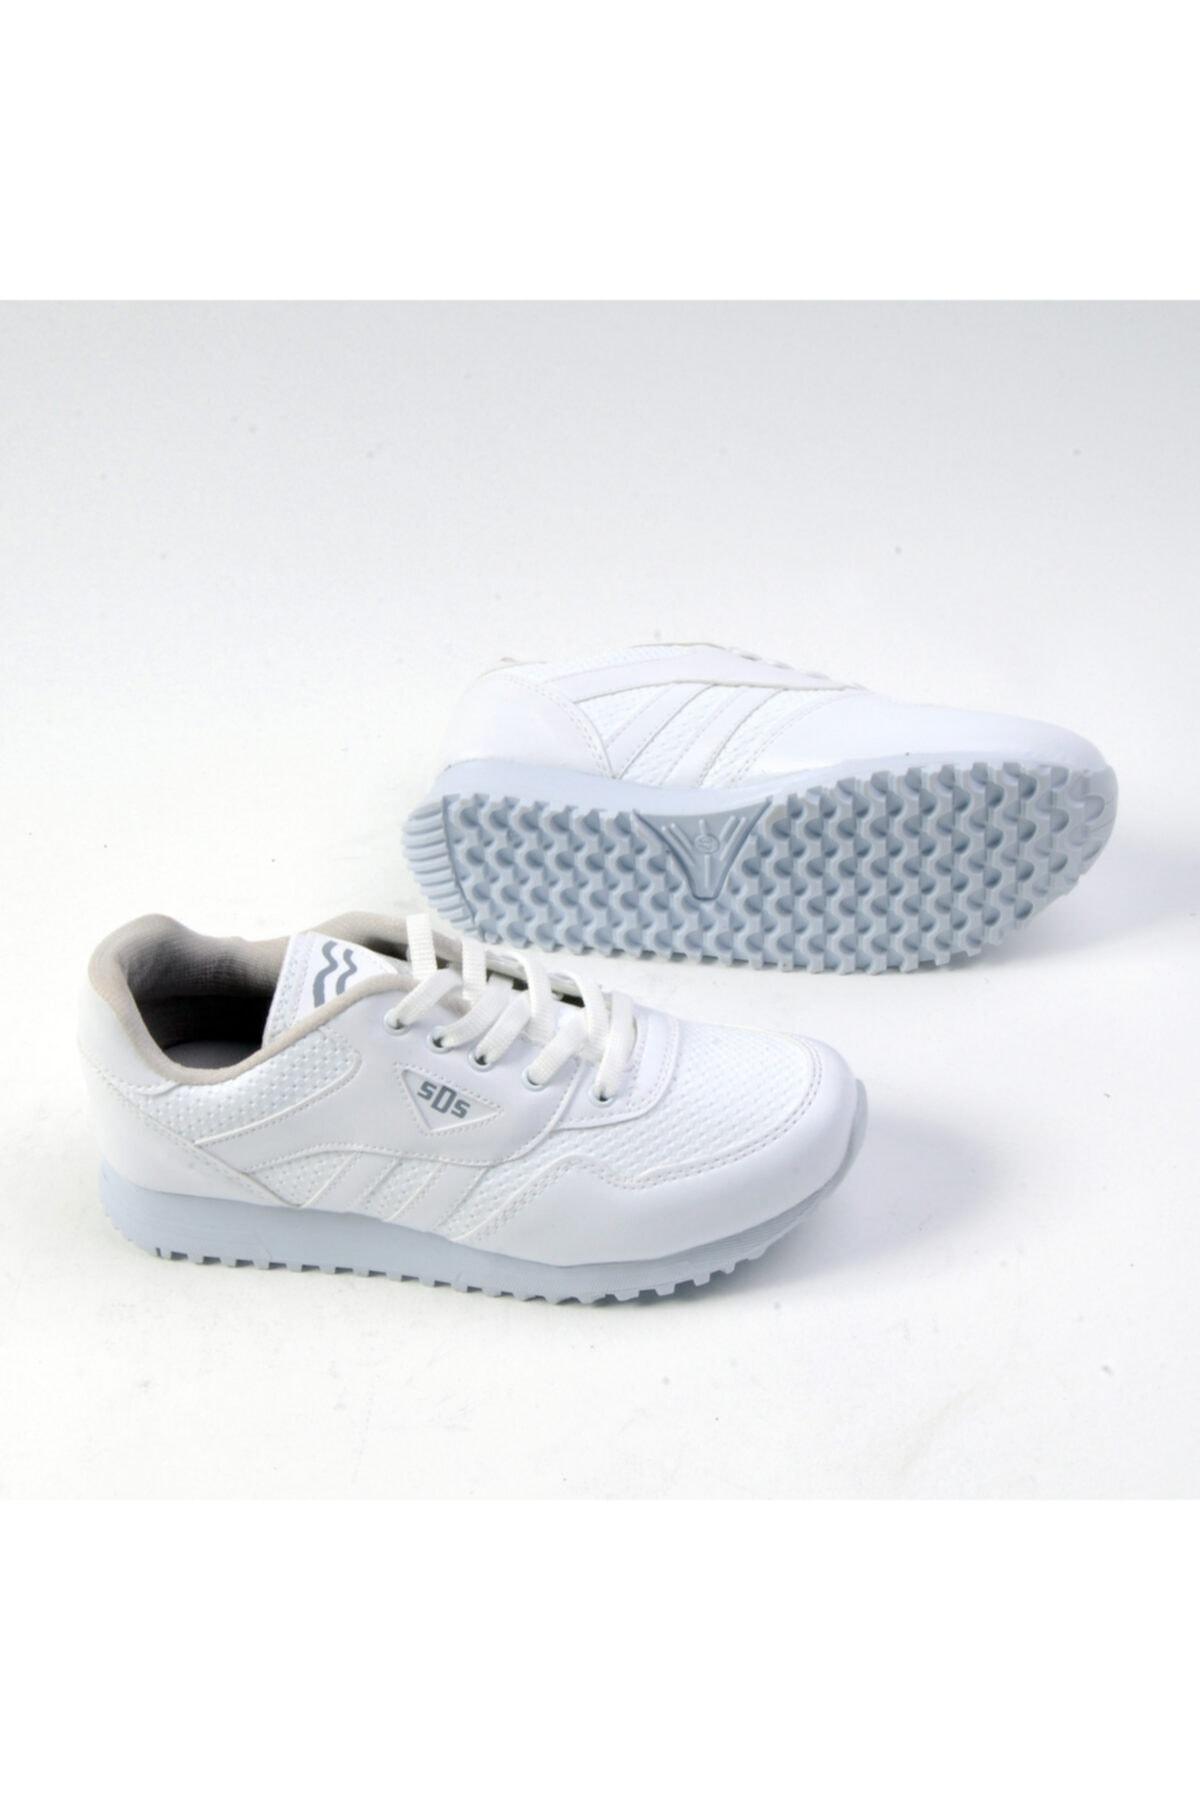 Sidasa Unisex Bağlı Beyaz Cilt Spor Ayakkabı 361-g 2